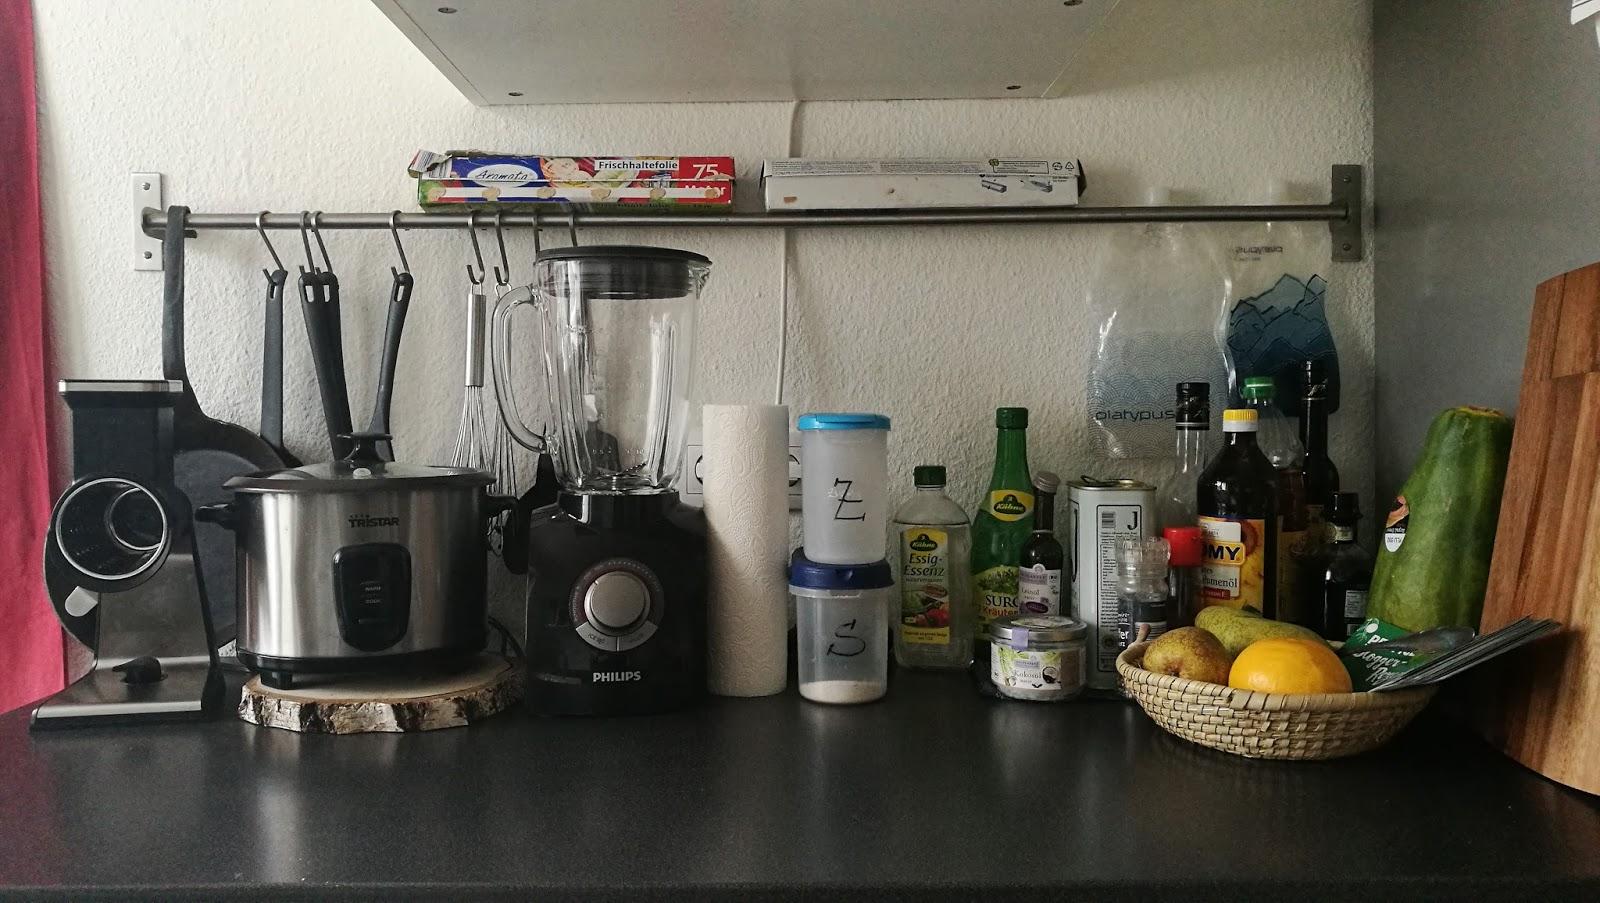 Neue Ikea Küche, Teil 1 | Grundgedanke, Planung, Kauf